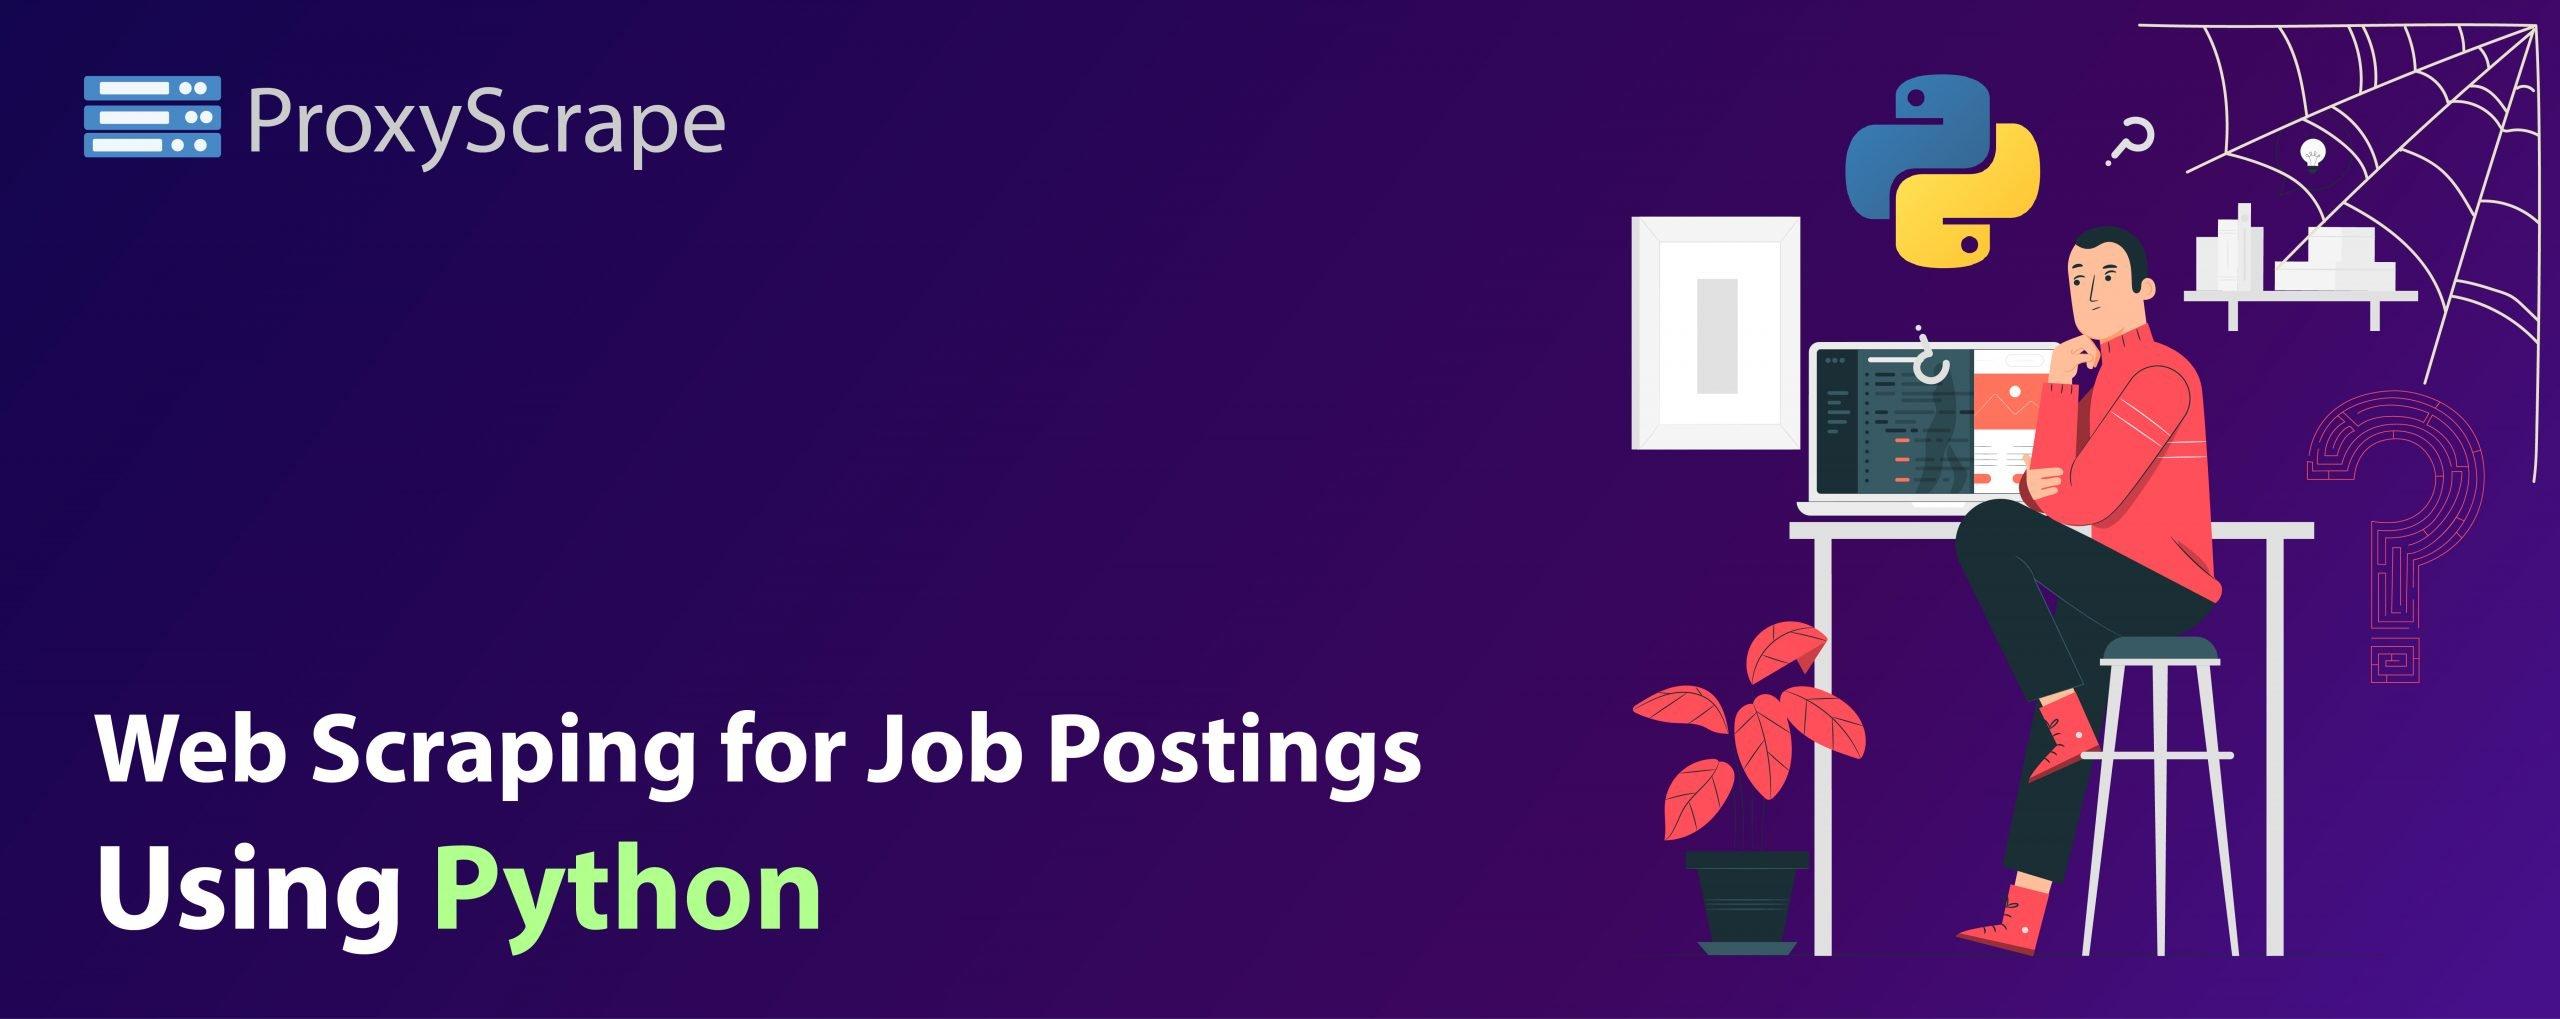 web scraping for job postings